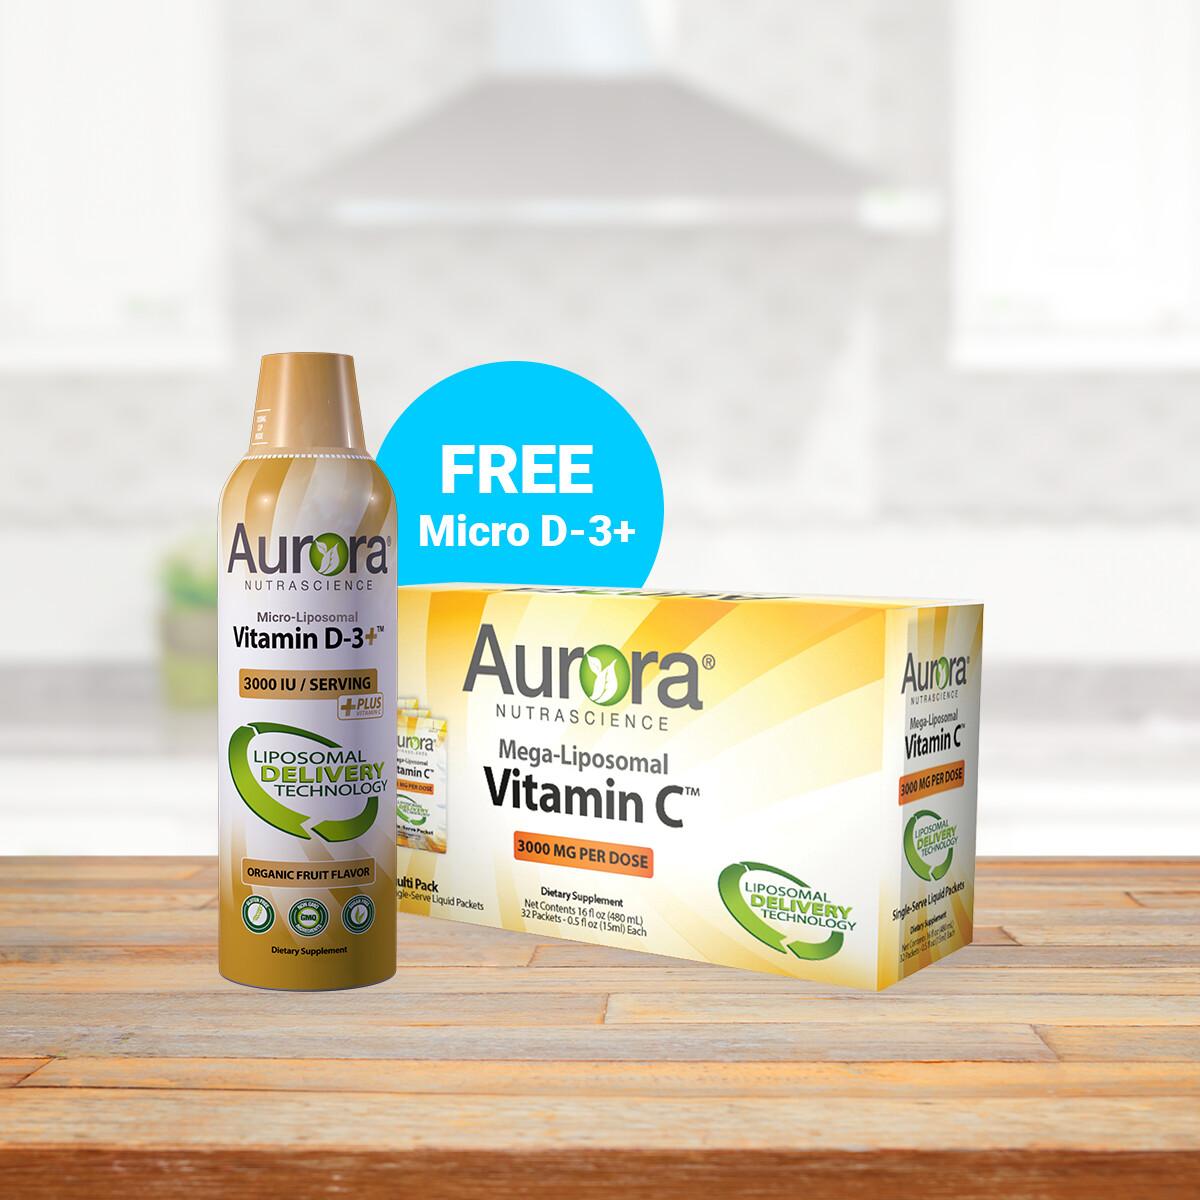 Mega-Liposomal Vitamin C Packets & Micro-Liposomal Vitamin D-3+ (16 OZ / 480ml & 5.4OZ / 160ml)